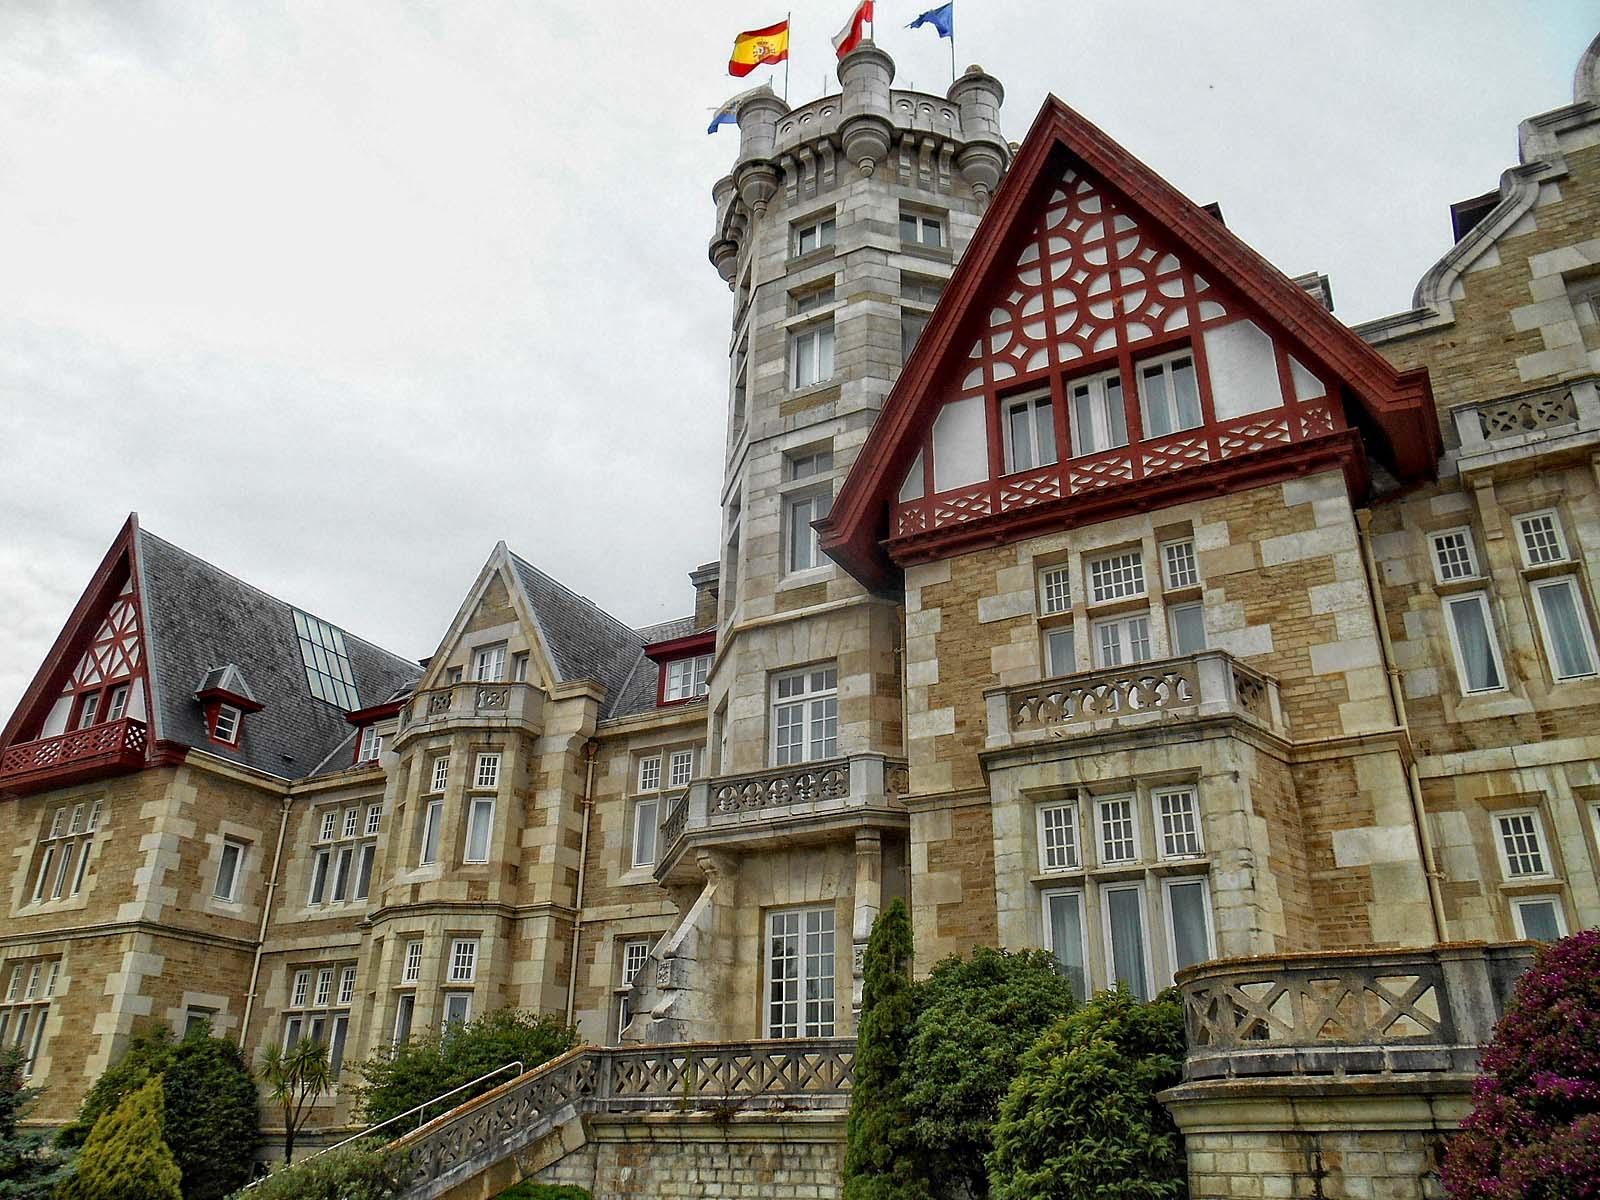 Сантандер, Испания: впечатляющие достопримечательности, прогулки и экскурсии, хорошие рестораны